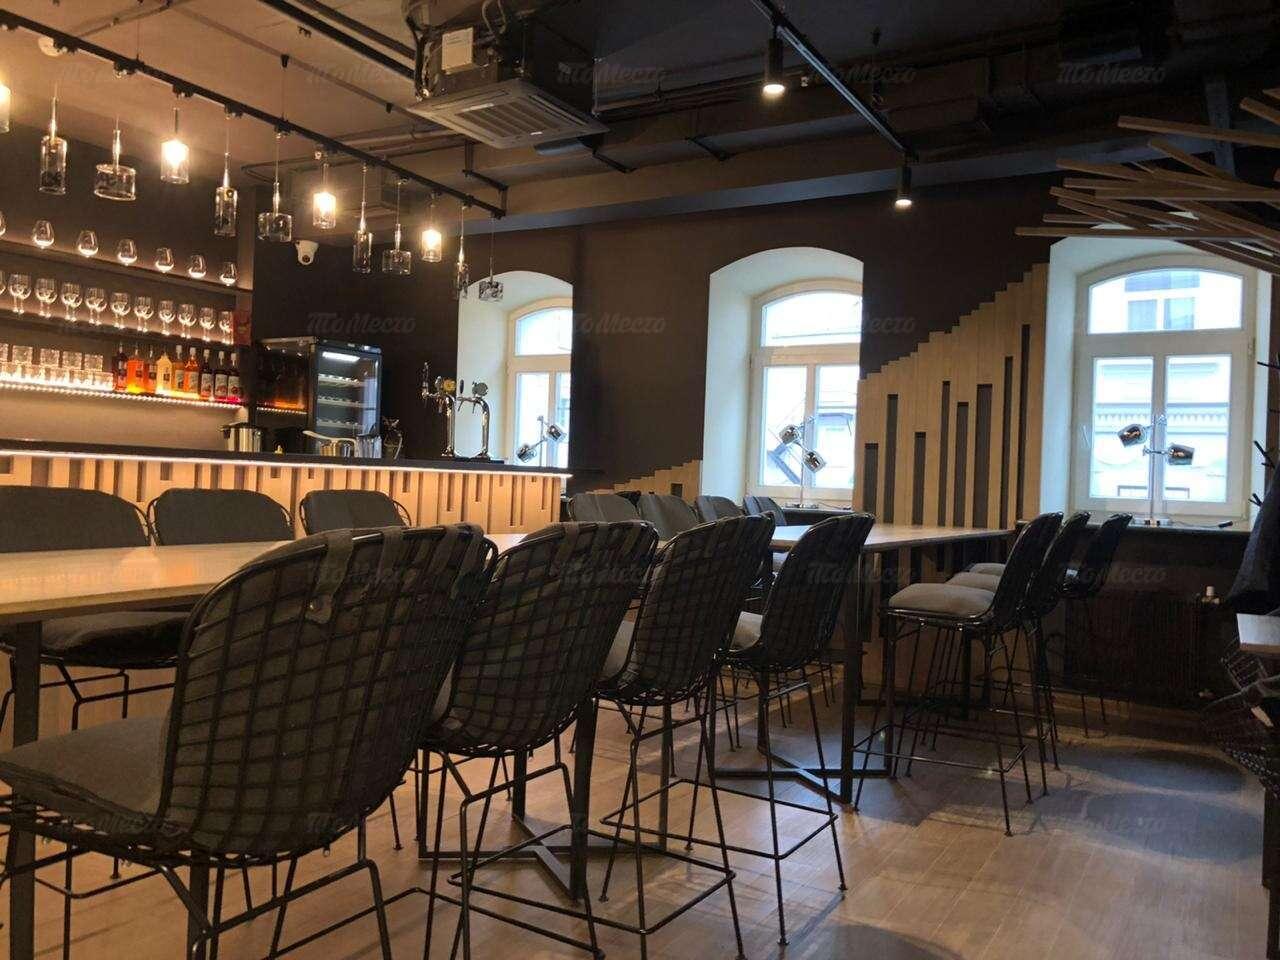 Ресторан СЕВЕРЭВЕР (CEBEREVER) в Пятницком переулке фото 9